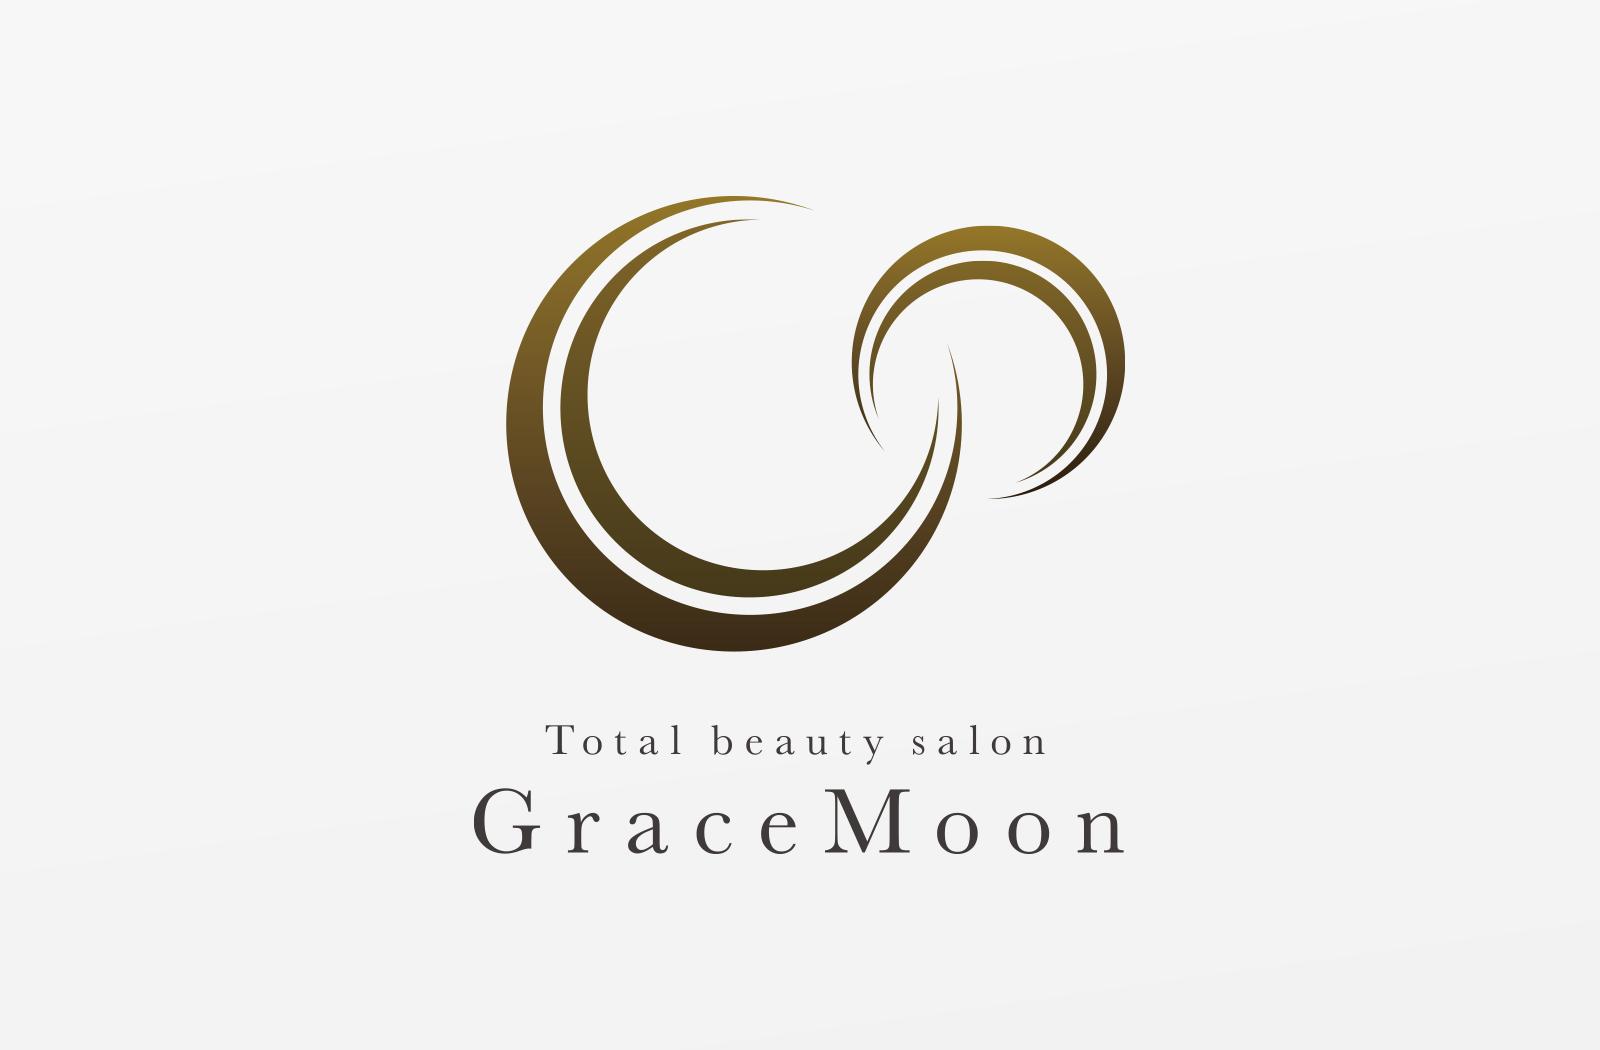 エステティック事業を展開されている「GraceMoon」様のロゴデザイン